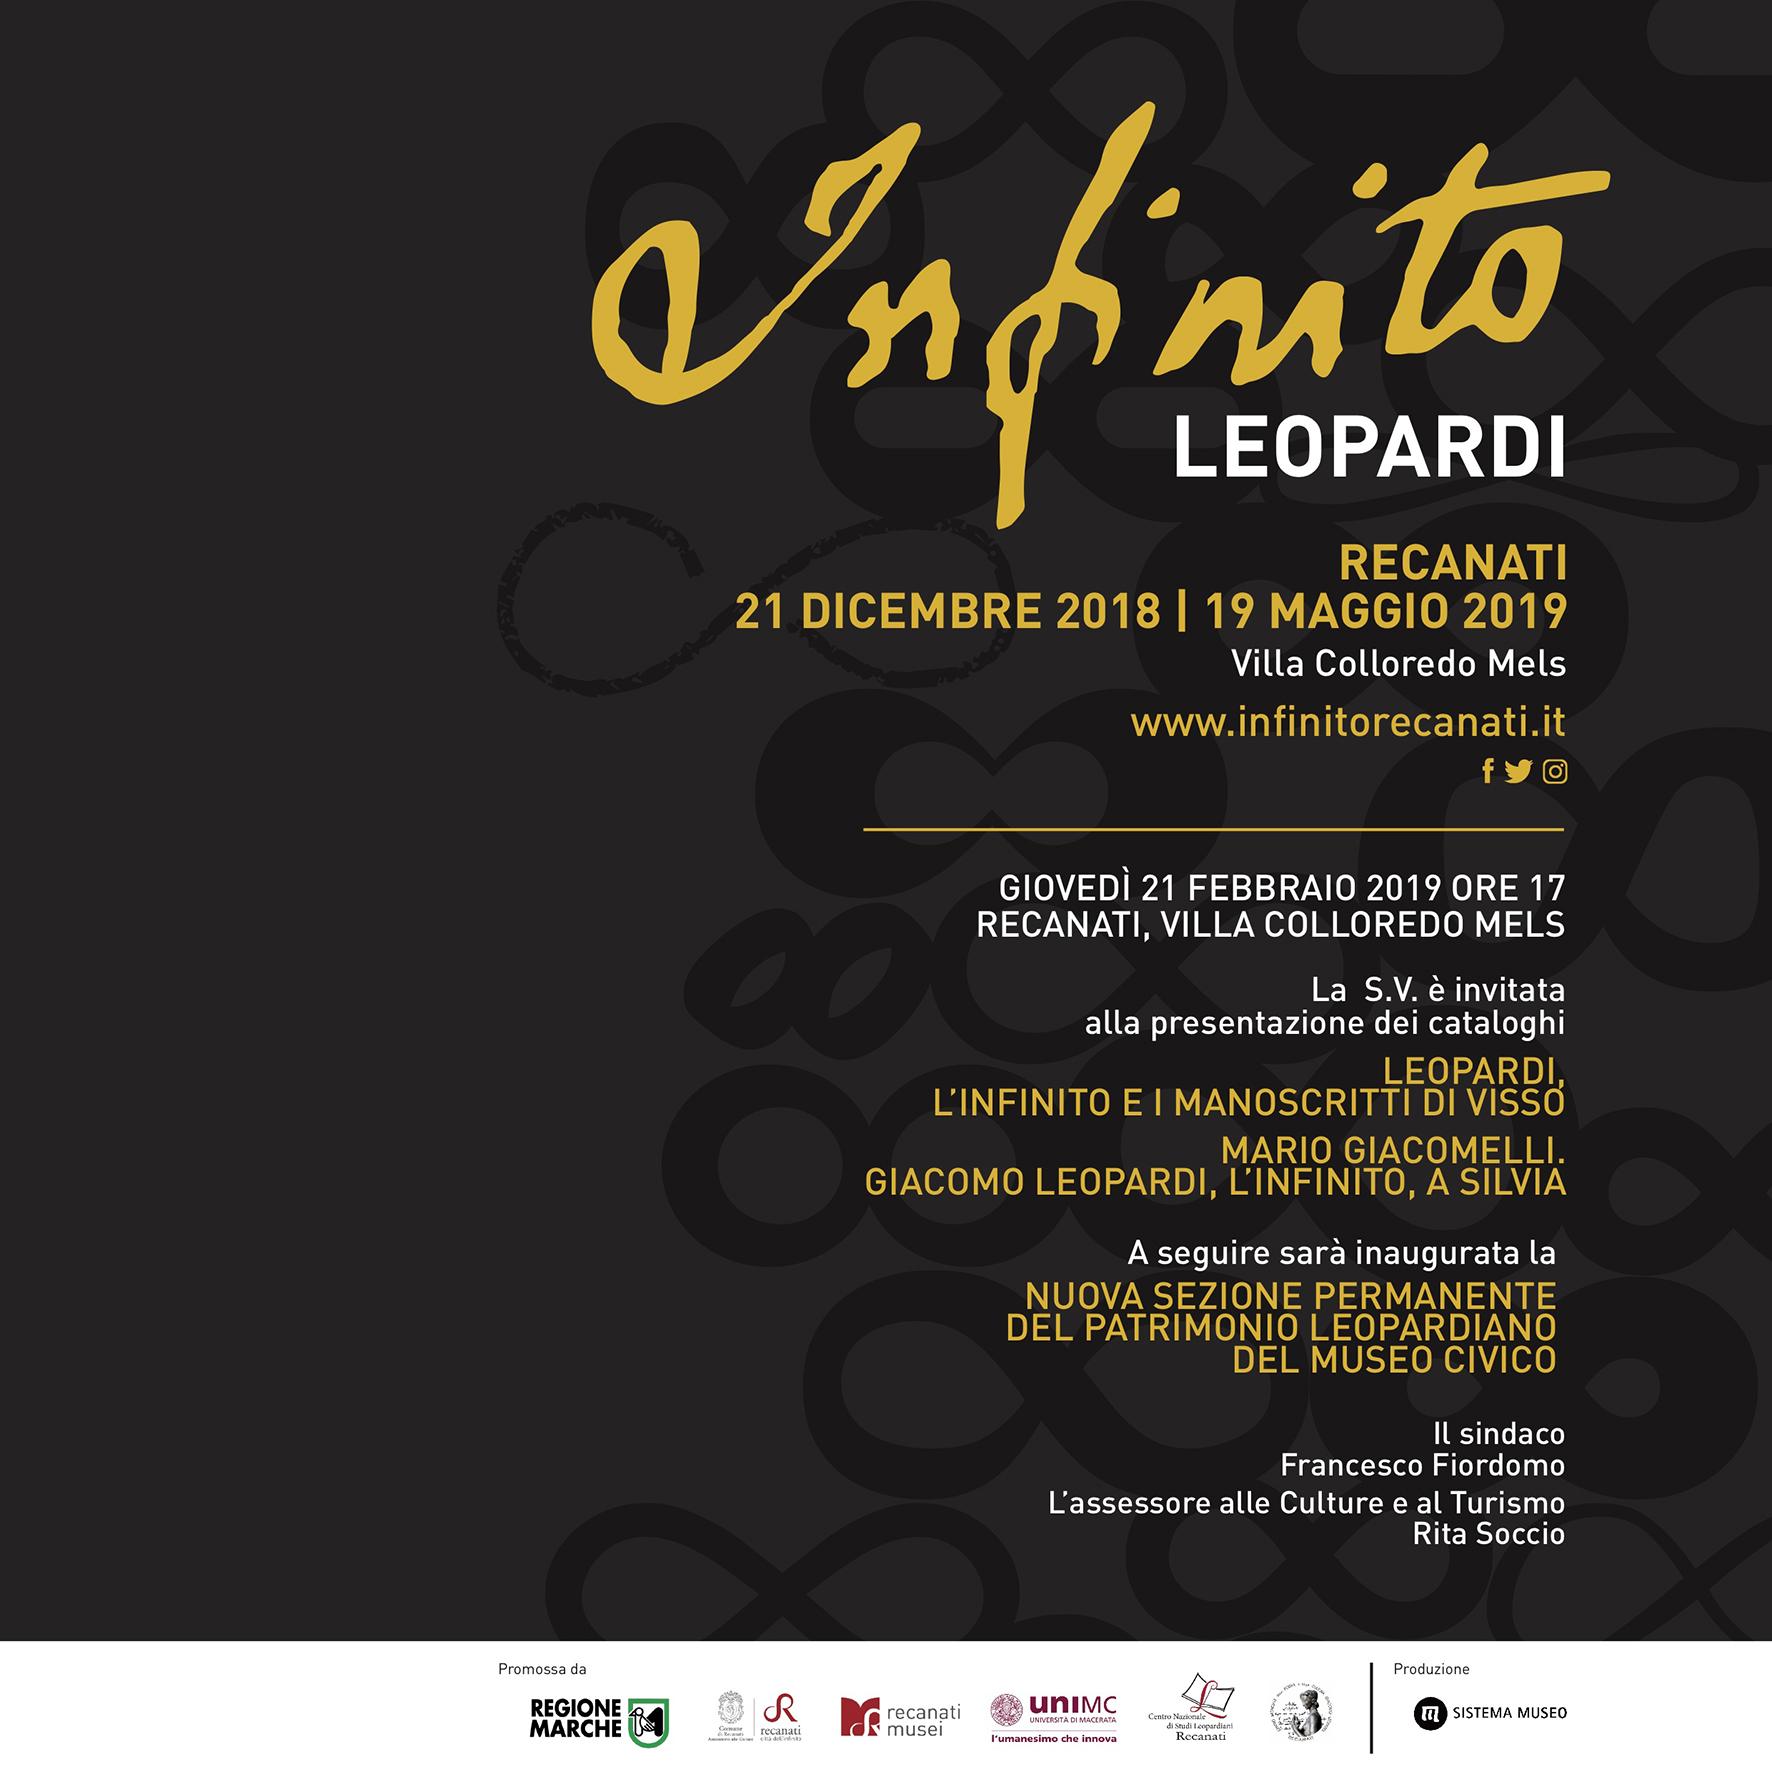 Presentazione cataloghi e inaugurazione sezione leopardiana